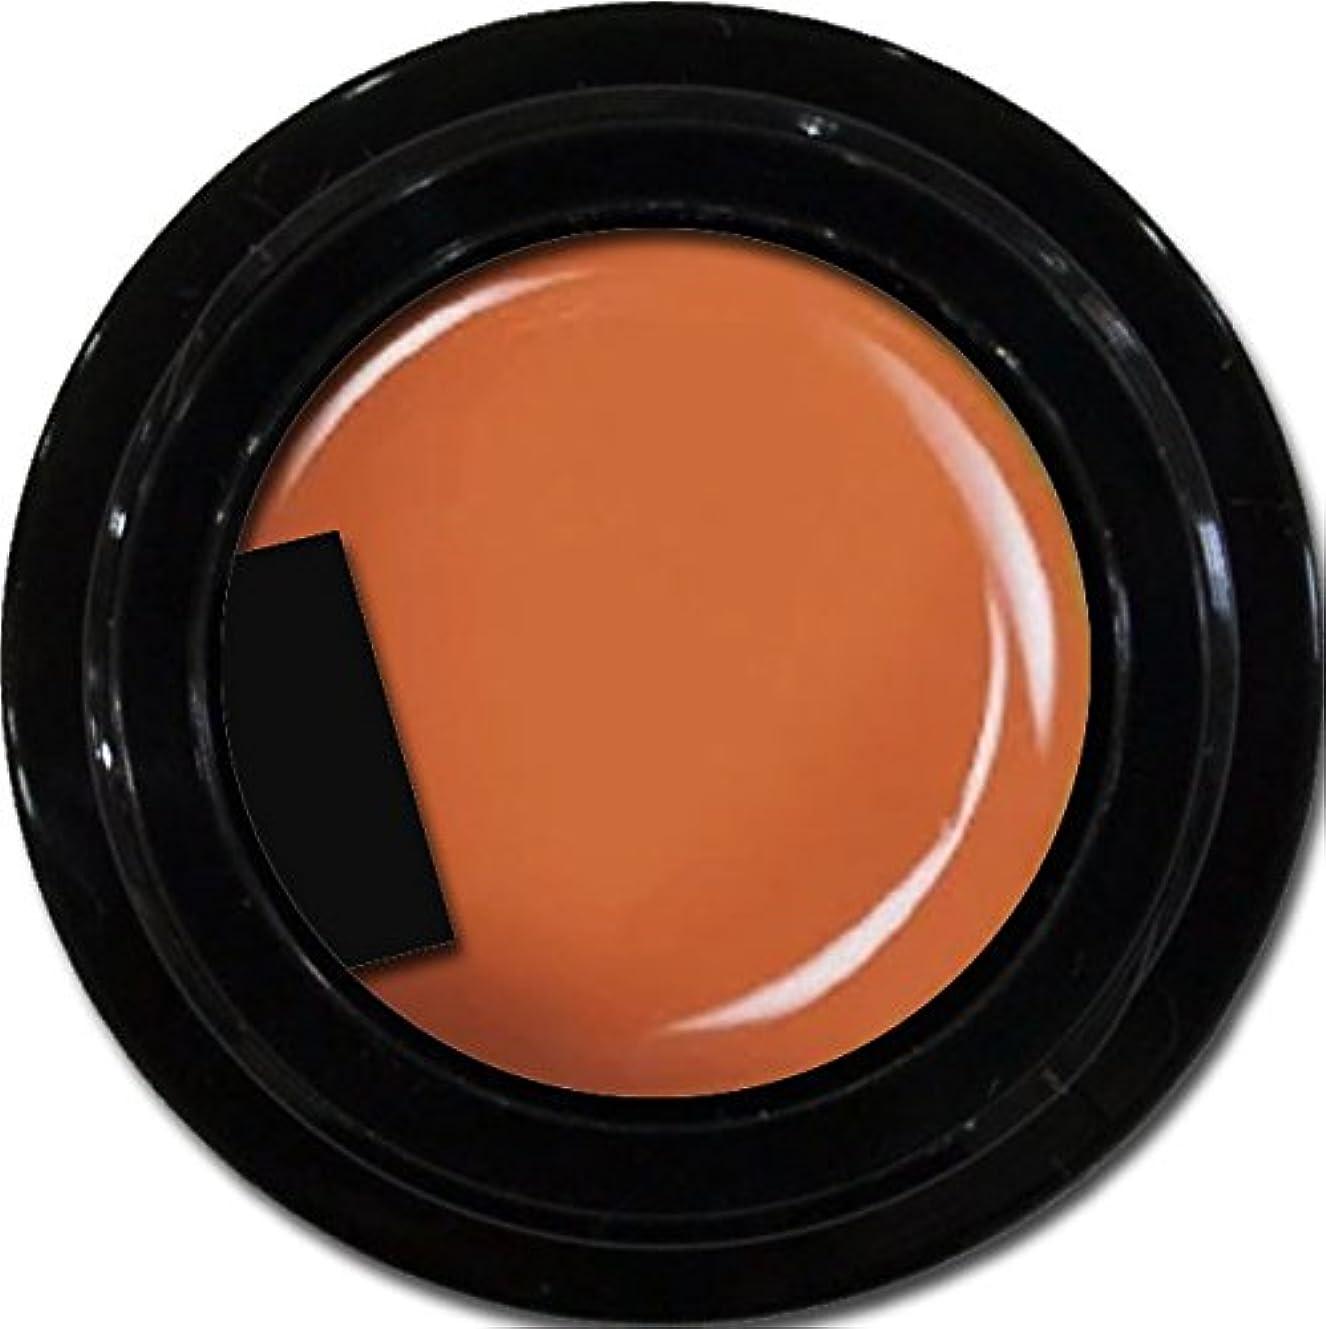 視力当社レシピカラージェル enchant color gel M303 Halloween 3g/ マットカラージェル M303 ハロウィーン 3グラム